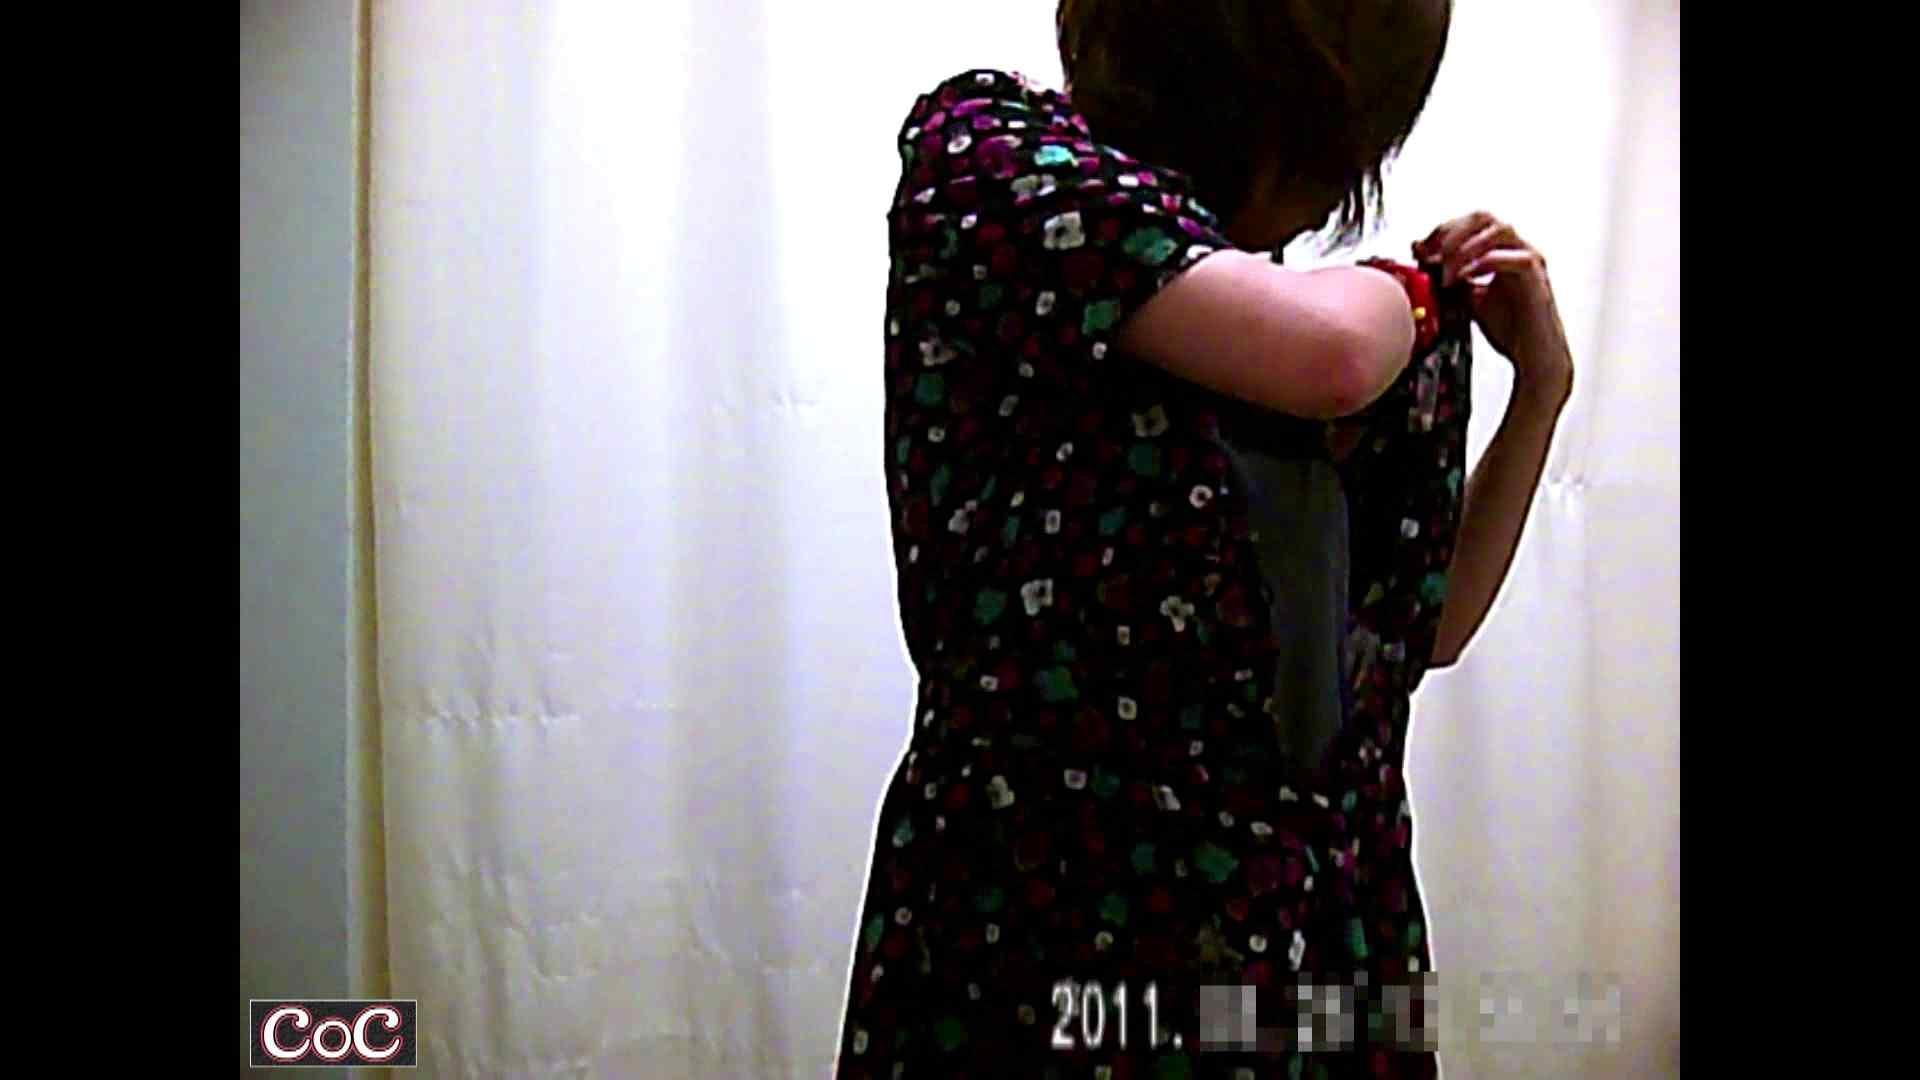 病院おもいっきり着替え! vol.18 OLエロ画像 盗撮セックス無修正動画無料 20PICs 9